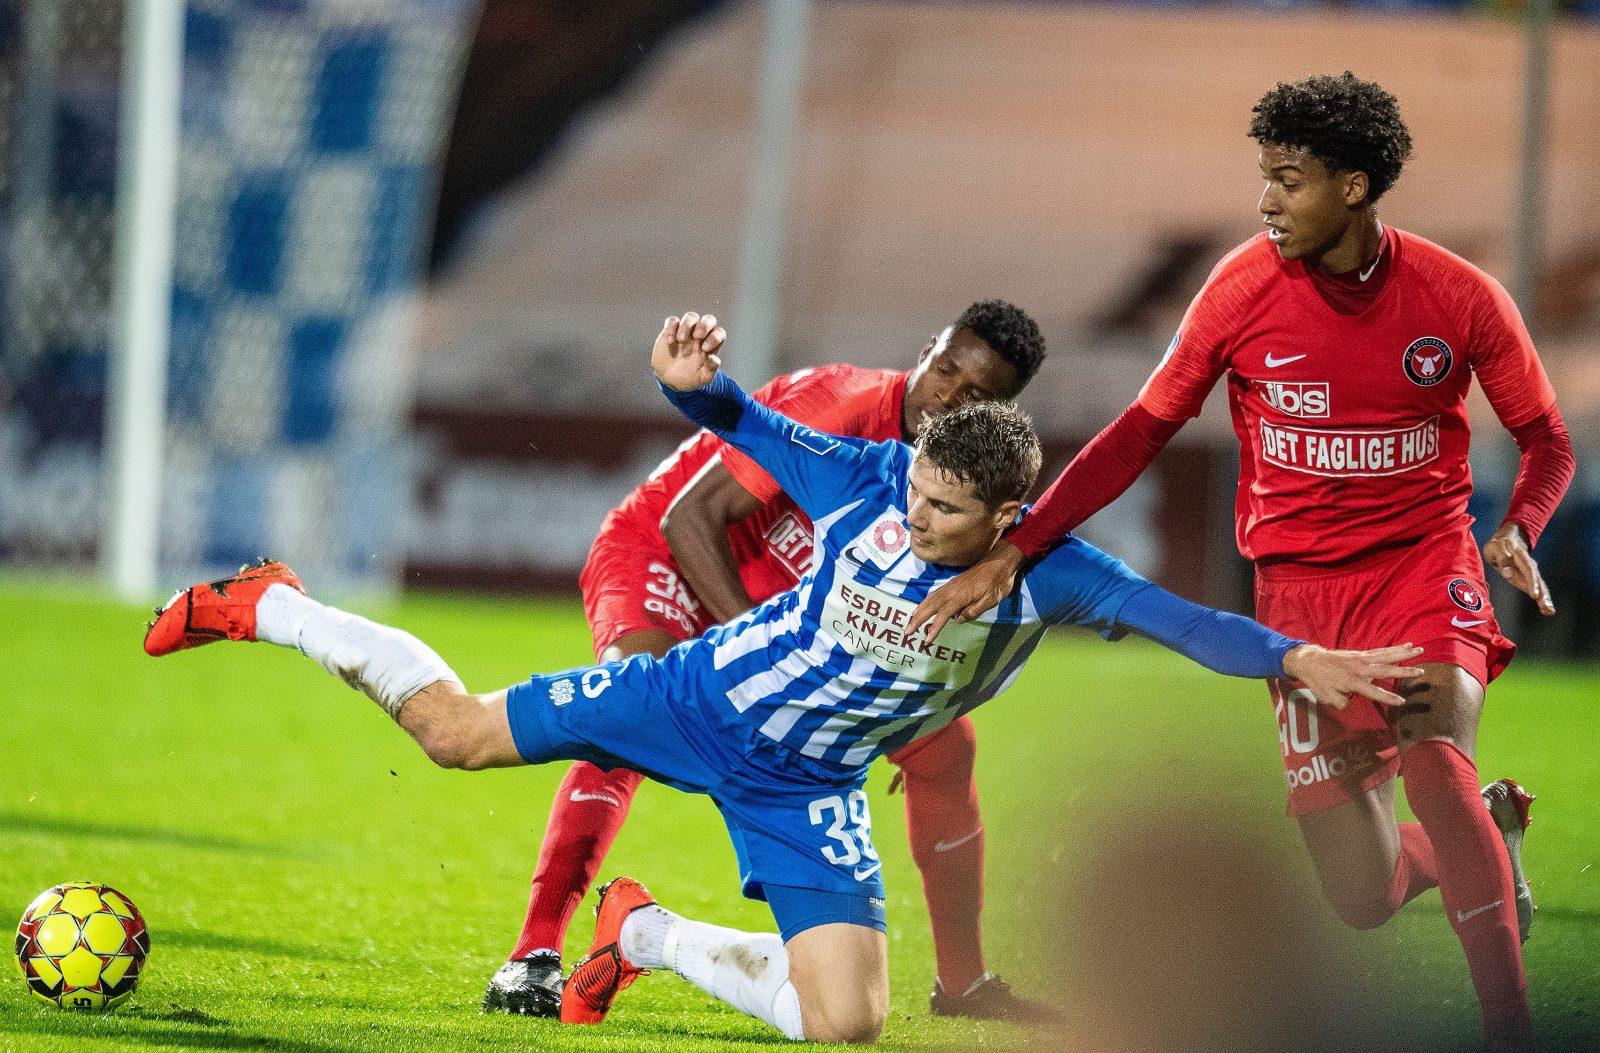 Esbjerg fB-FC Midtjylland4